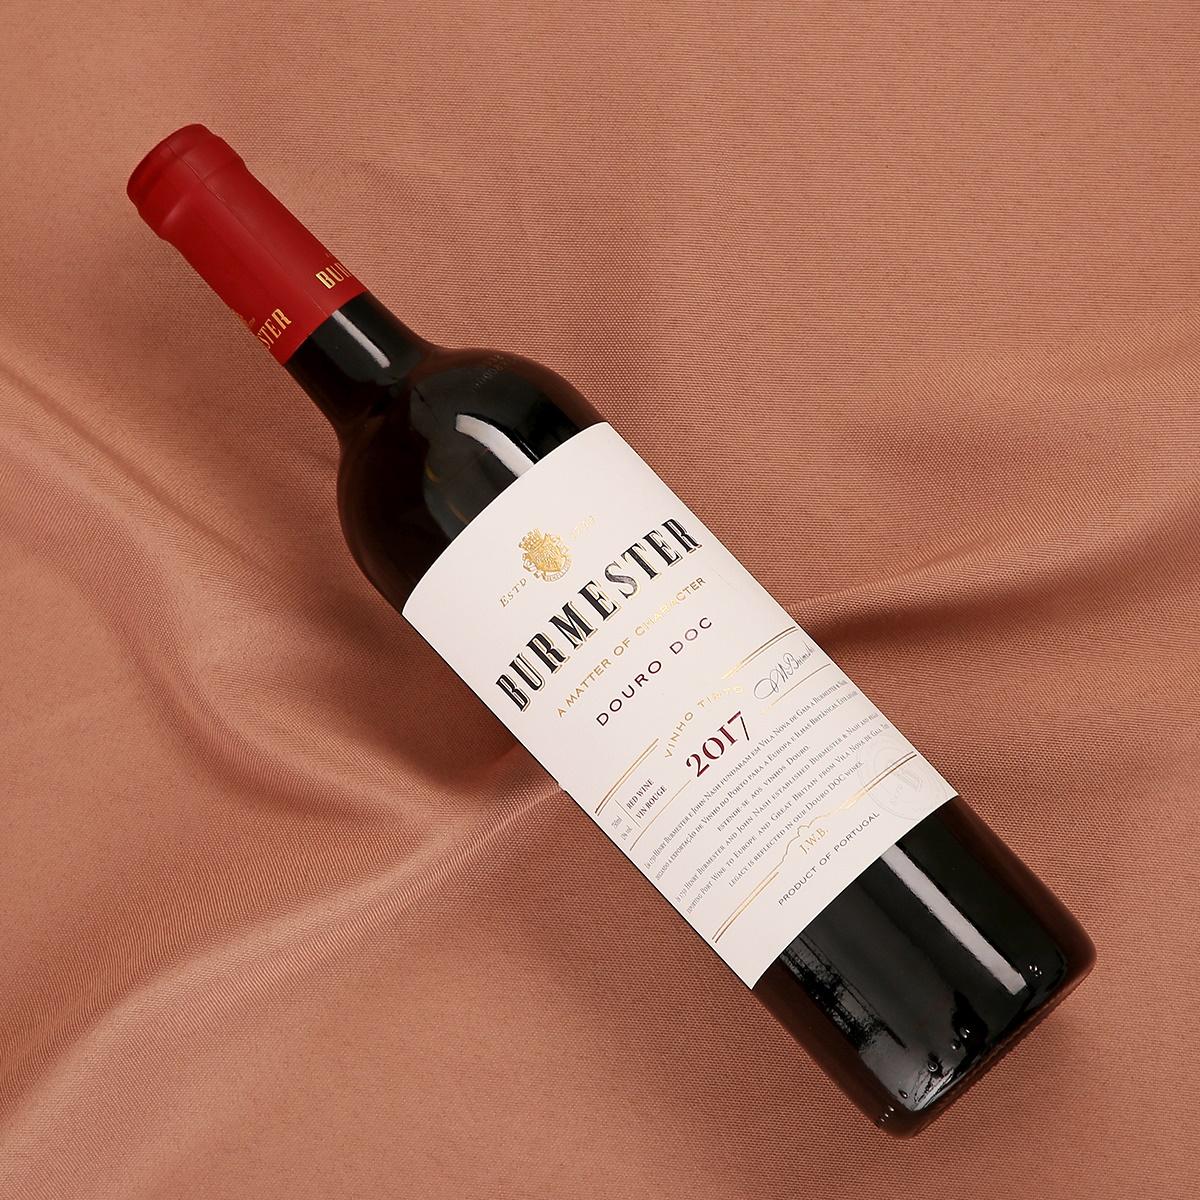 葡萄牙杜羅河伯美斯特DOC干紅葡萄酒紅酒